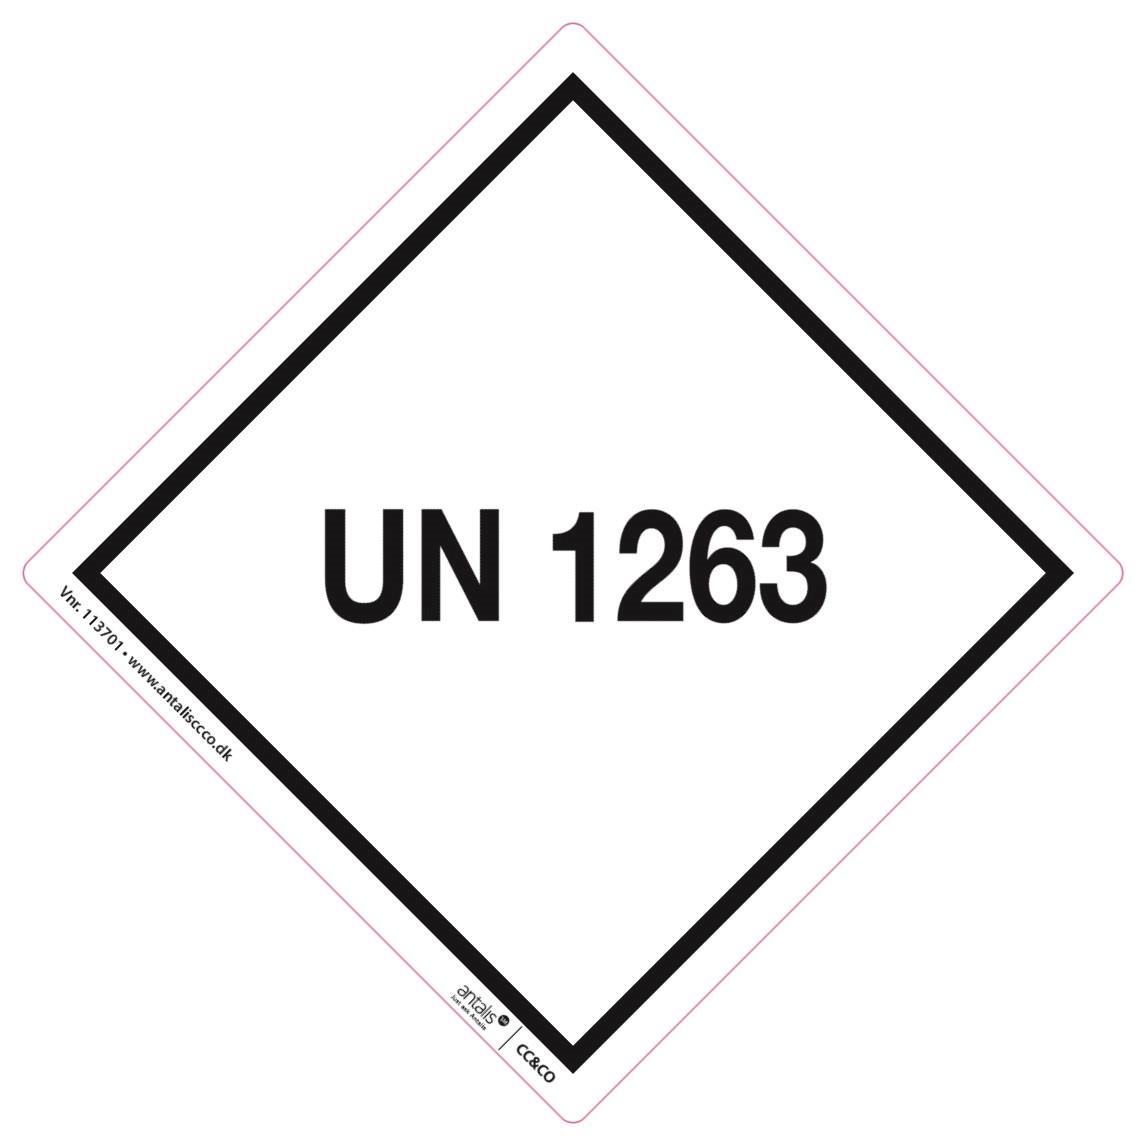 Fareetiket - UN1263 hvid/sort 100 x 100 mm - 250 stk